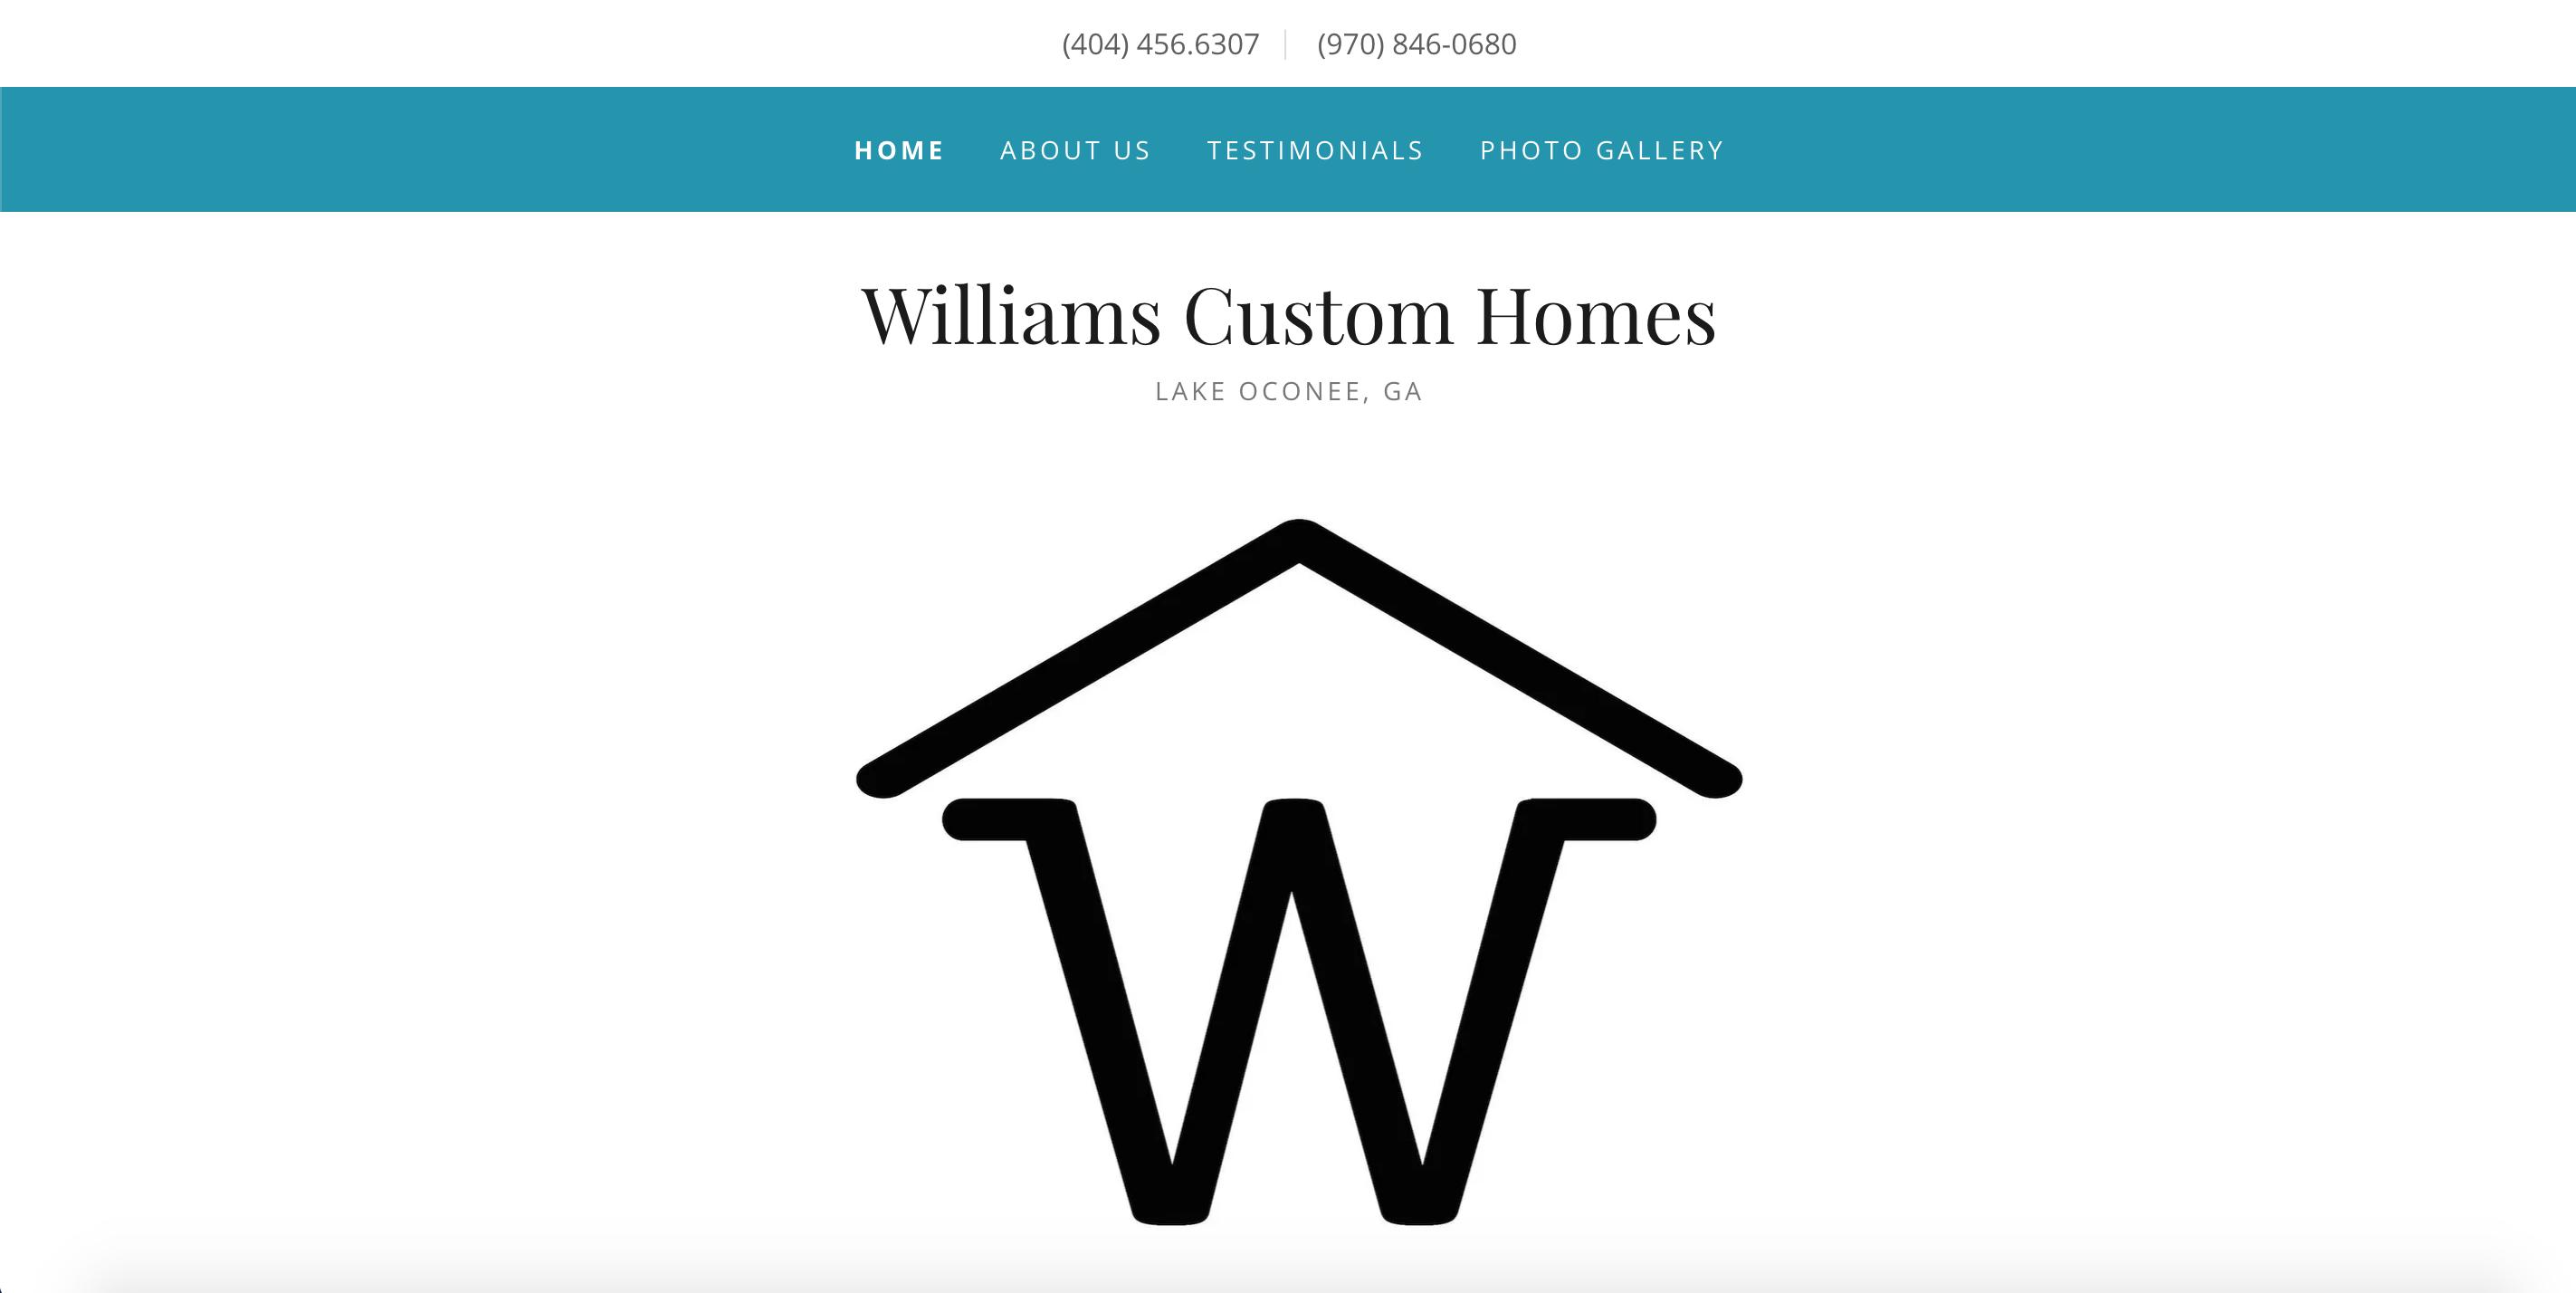 Williams Custom Homes website homepage